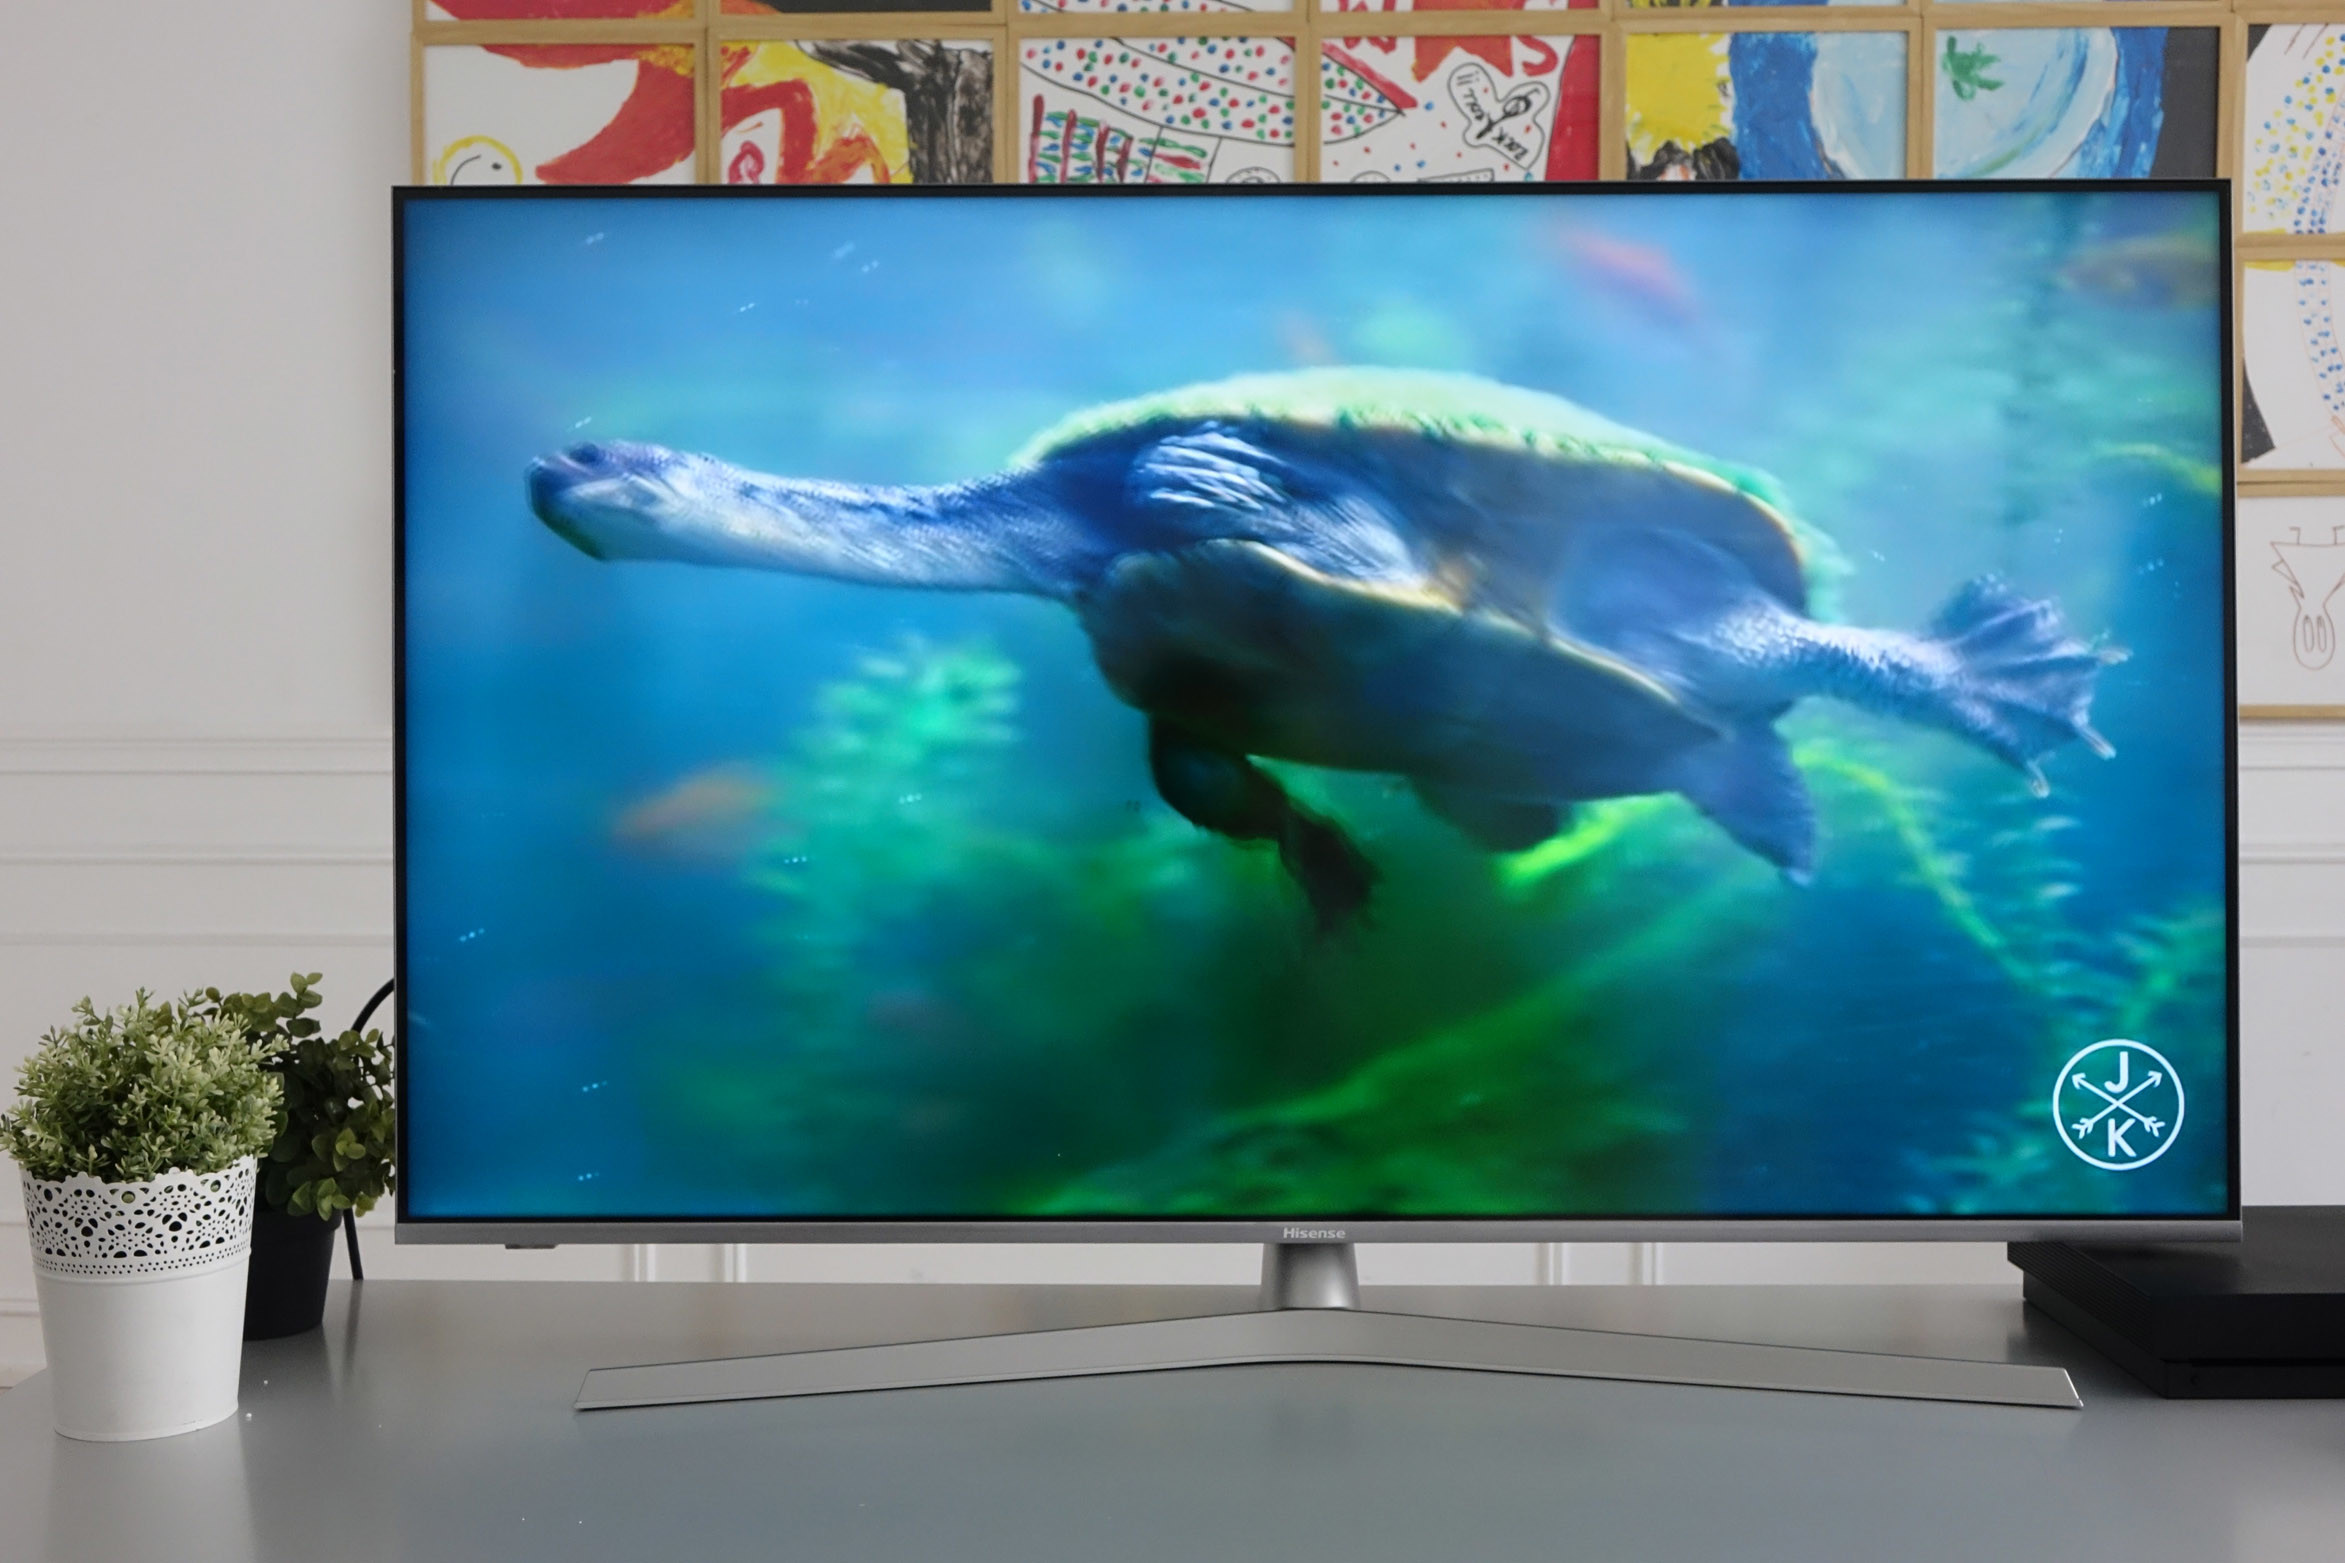 Televisor Hisense H50U7B ULED 4K UHD